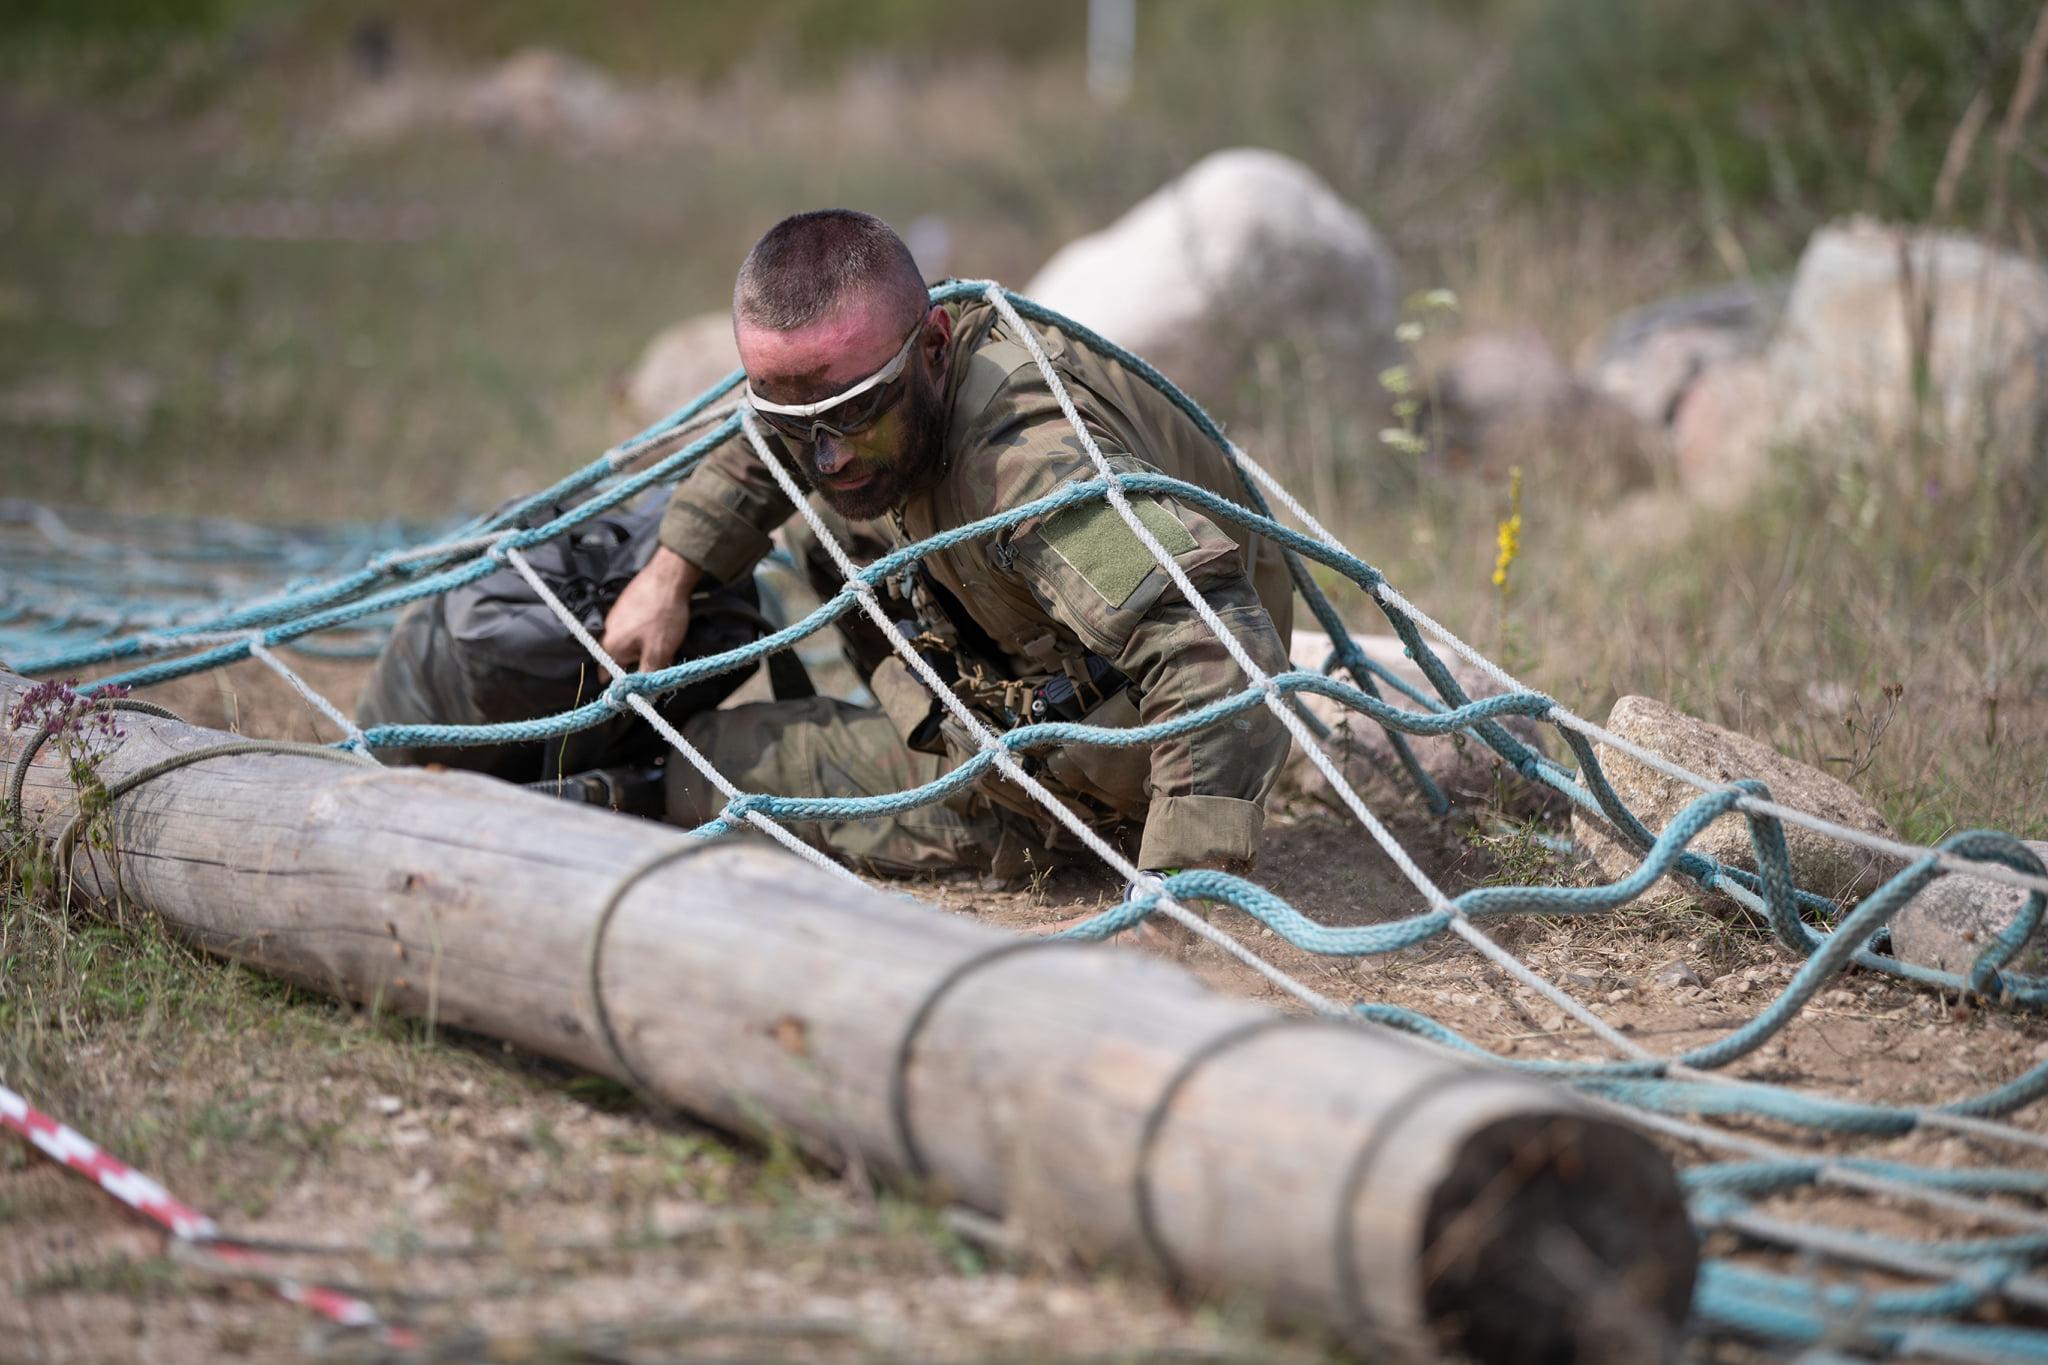 """Terytorialsi z Podkarpacia podsumowali zawody """"Admiral Pitka Recon  Challenge 2021 w Estonii  - Zdjęcie główne"""